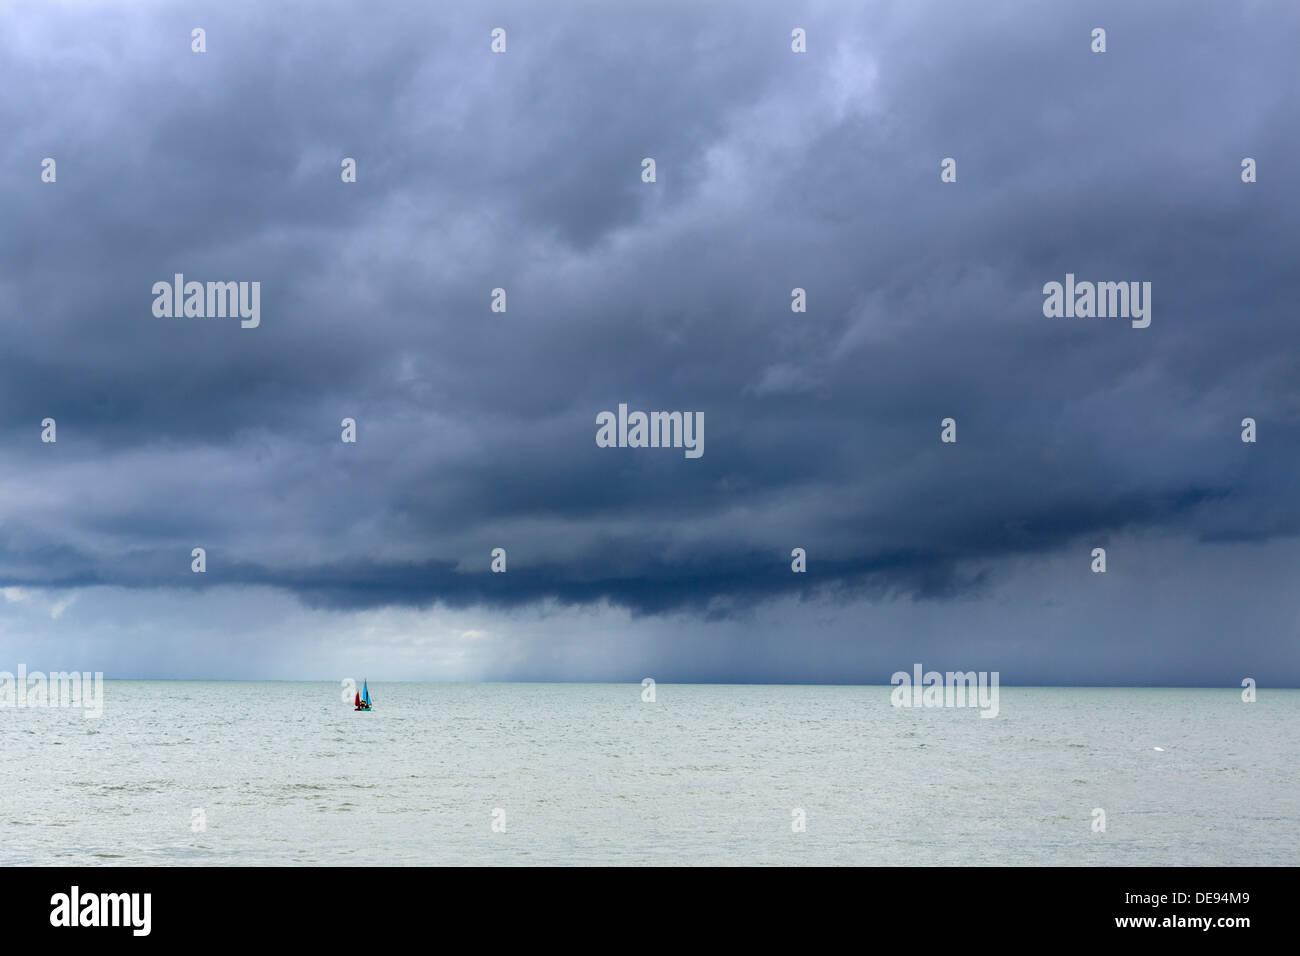 Petit canot voile vers une tempête au large de la côte de la station balnéaire de Aberaeron, Ceredigion, Photo Stock